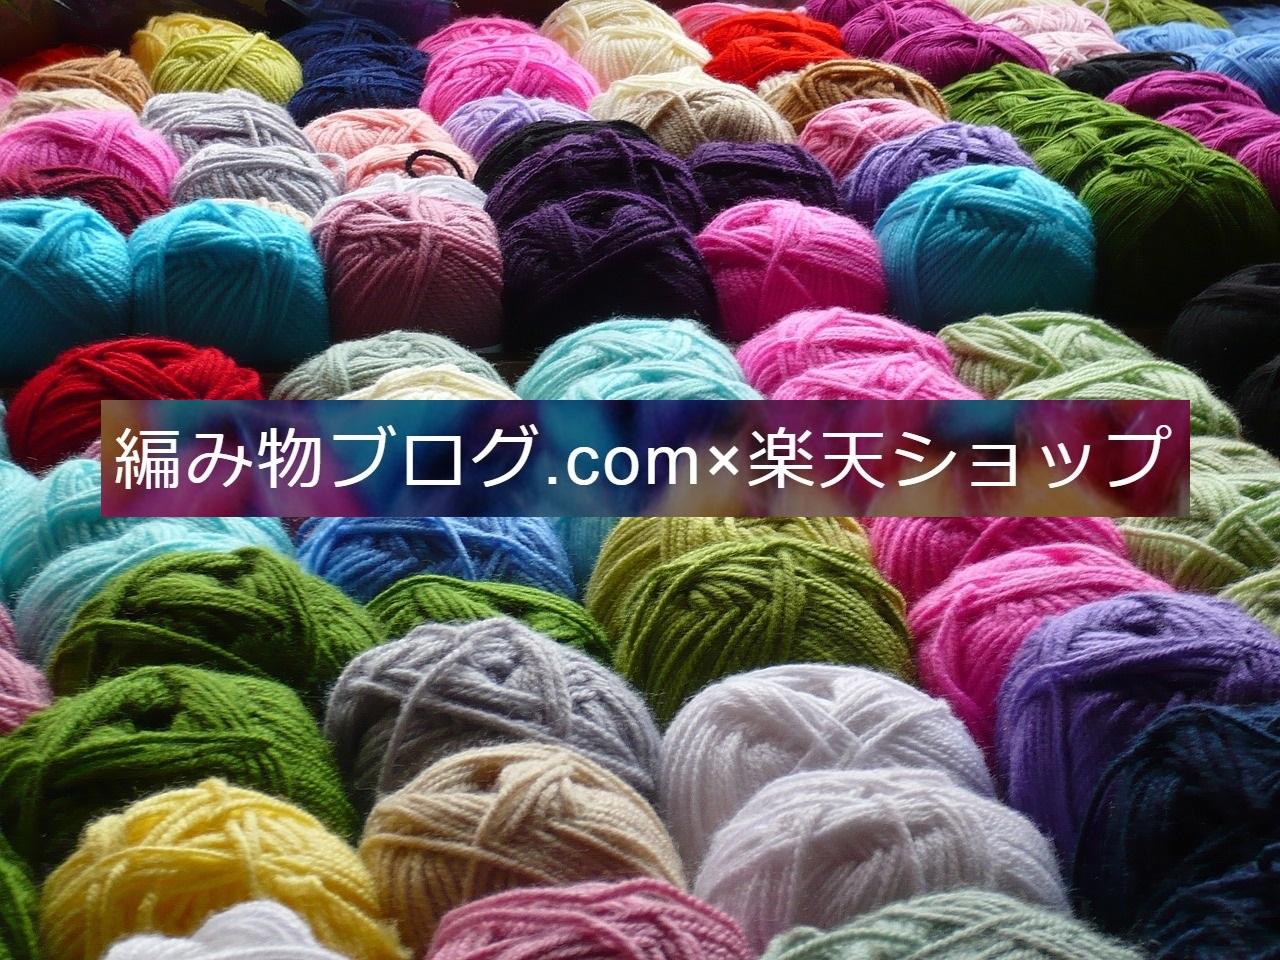 【ブログ開設1周年】編み物ブログ.com×楽天ショップ